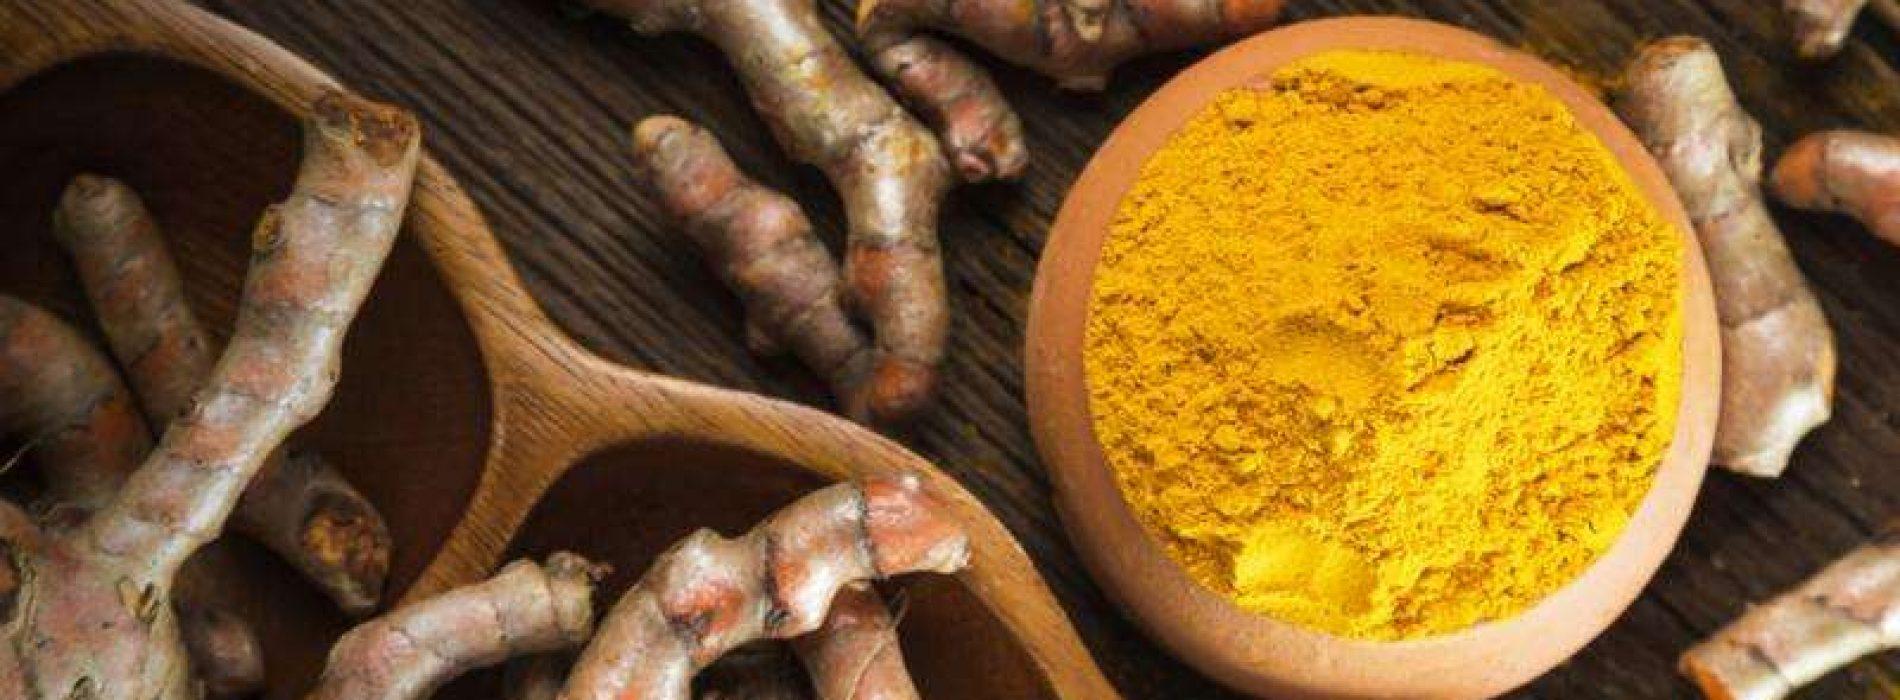 Zorg voor de best mogelijke omgeving voor uw genen: eet meer kurkuma